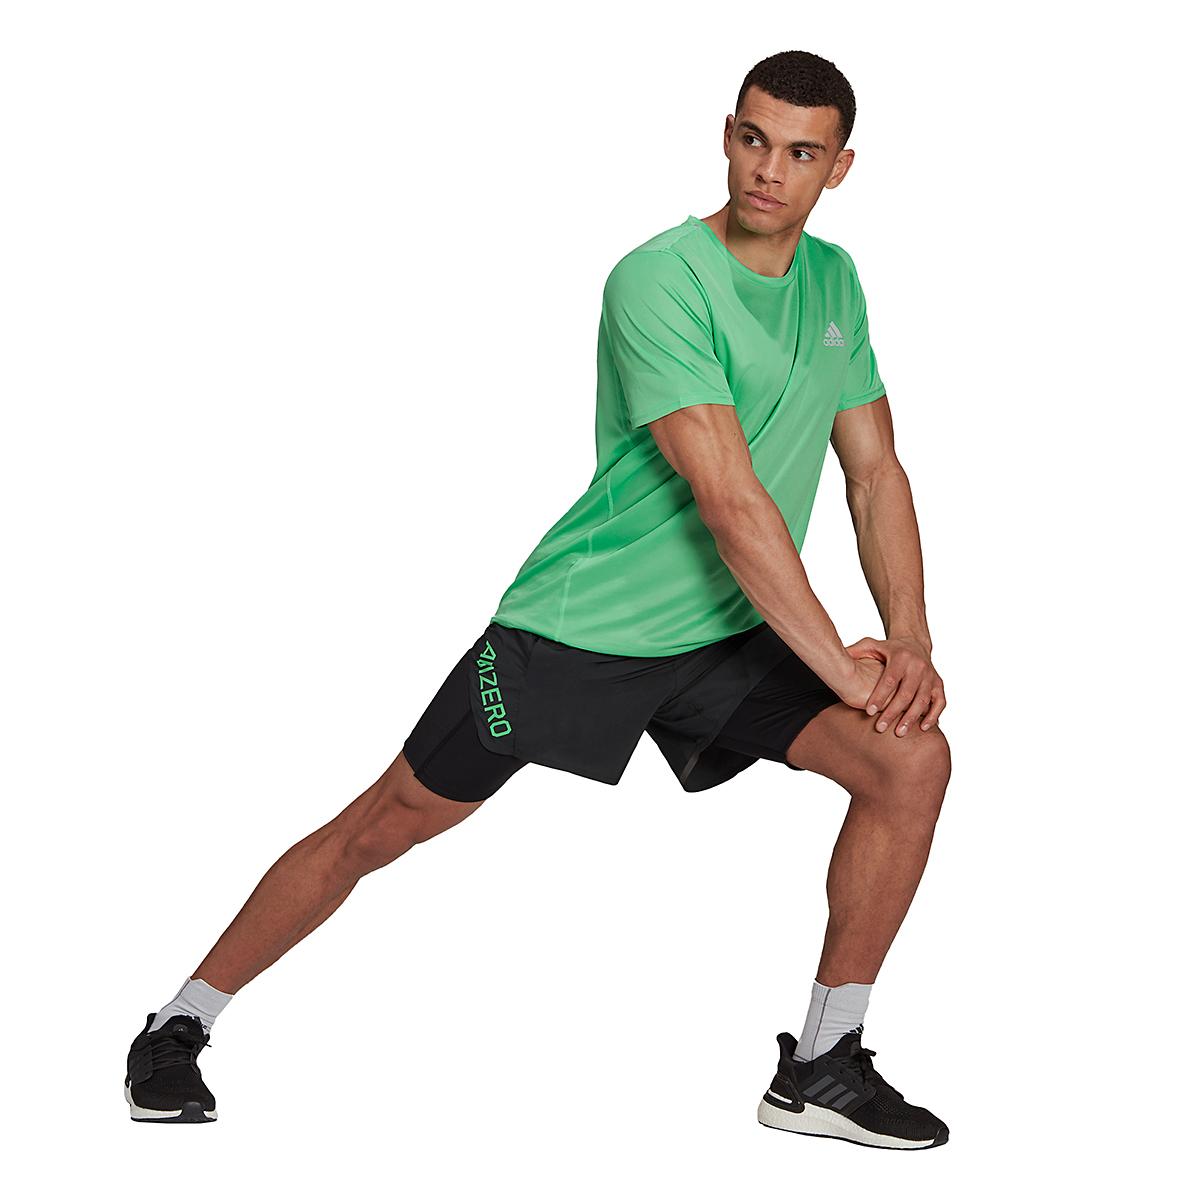 Men's Adidas Fast PrimeBlue Tee  - Color: Semi Screaming Green/Reflective Silver - Size: XS, Semi Screaming Green/Reflective Silver, large, image 3